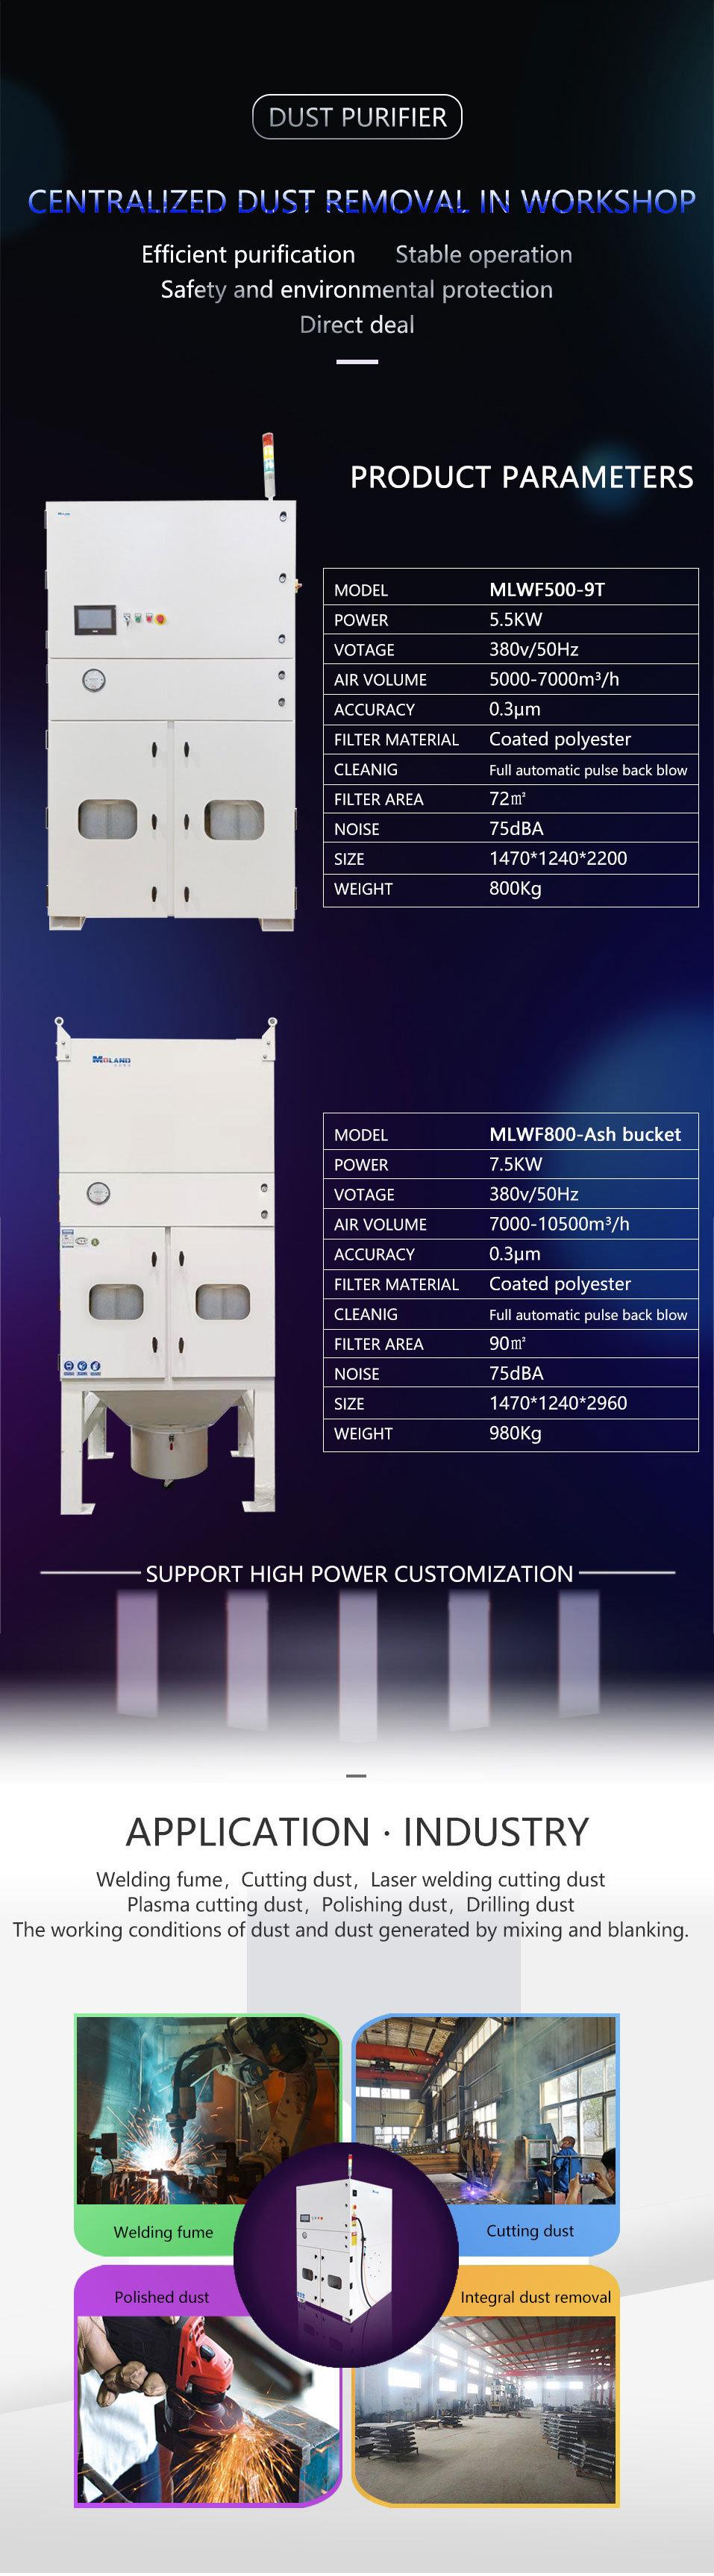 Colector de polvo de filtración de cartucho de PTFE industrial, Extractor de humos de molienda de soldadura, Sistema de ventilación de aire